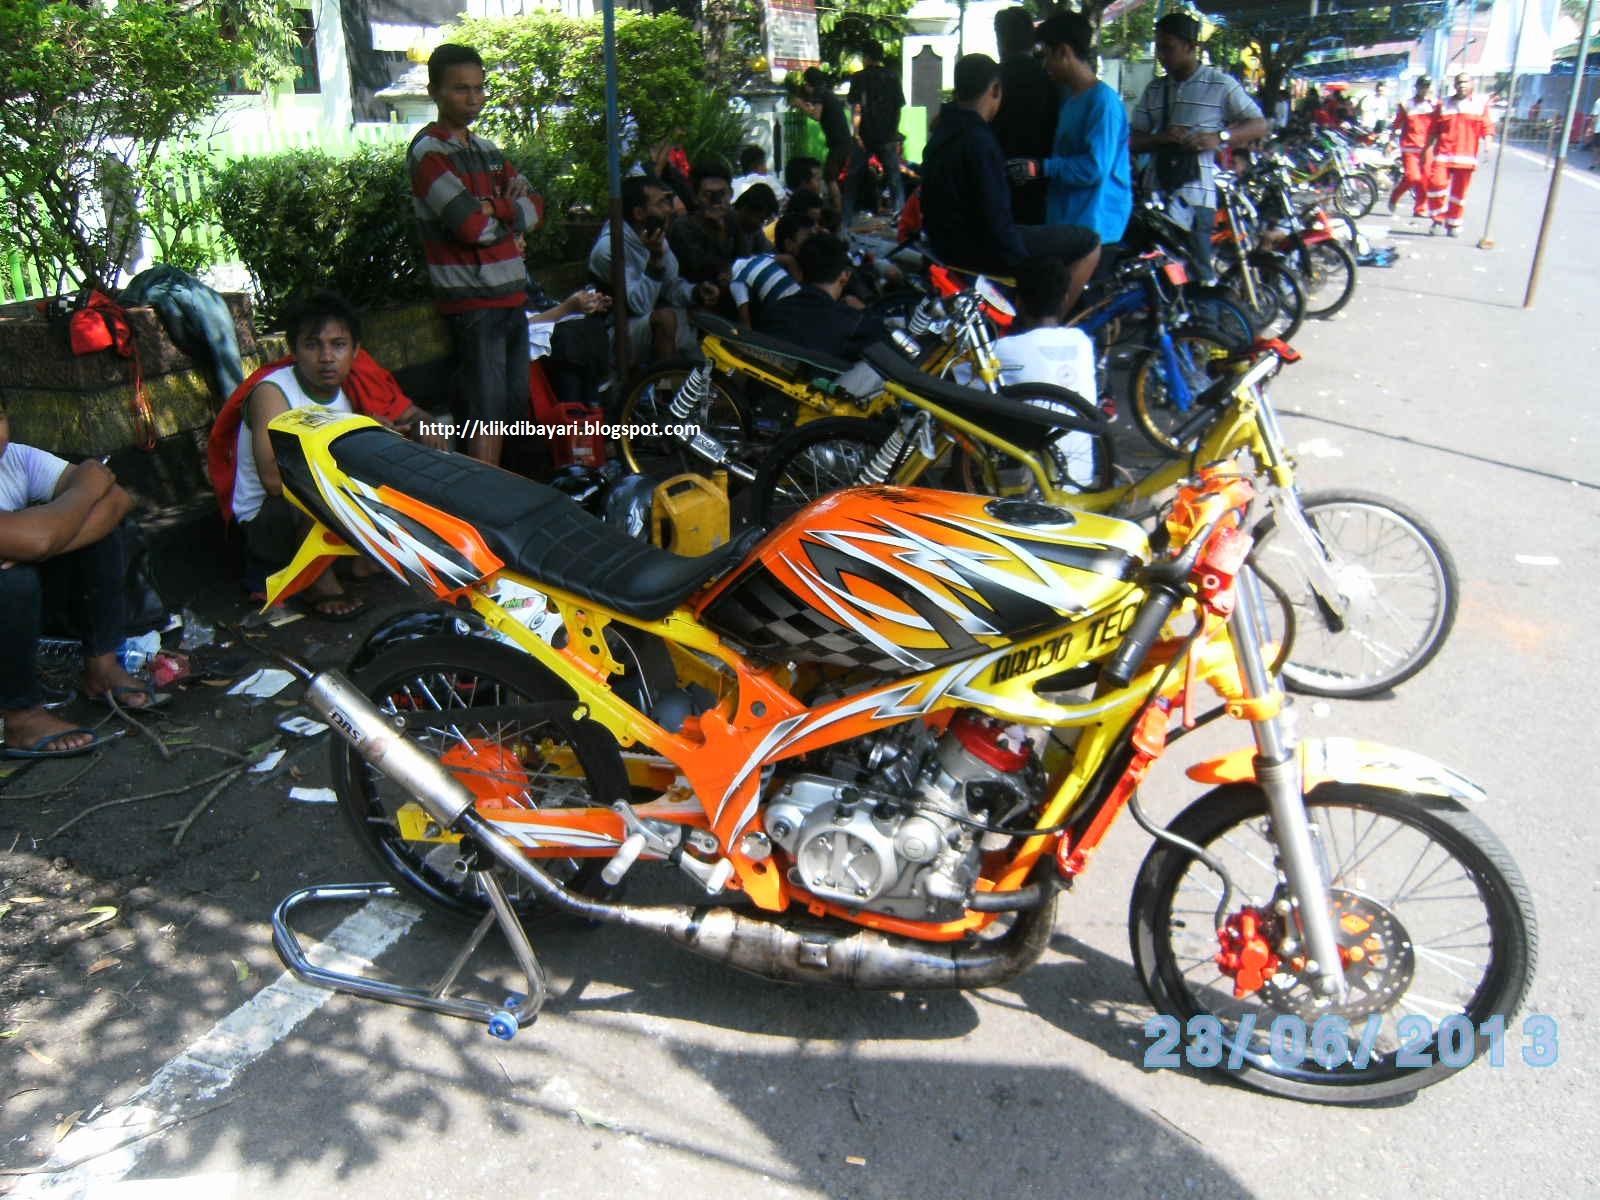 98 Gambar Motor Drag Bike Indonesia Terbaru Dan Terlengkap